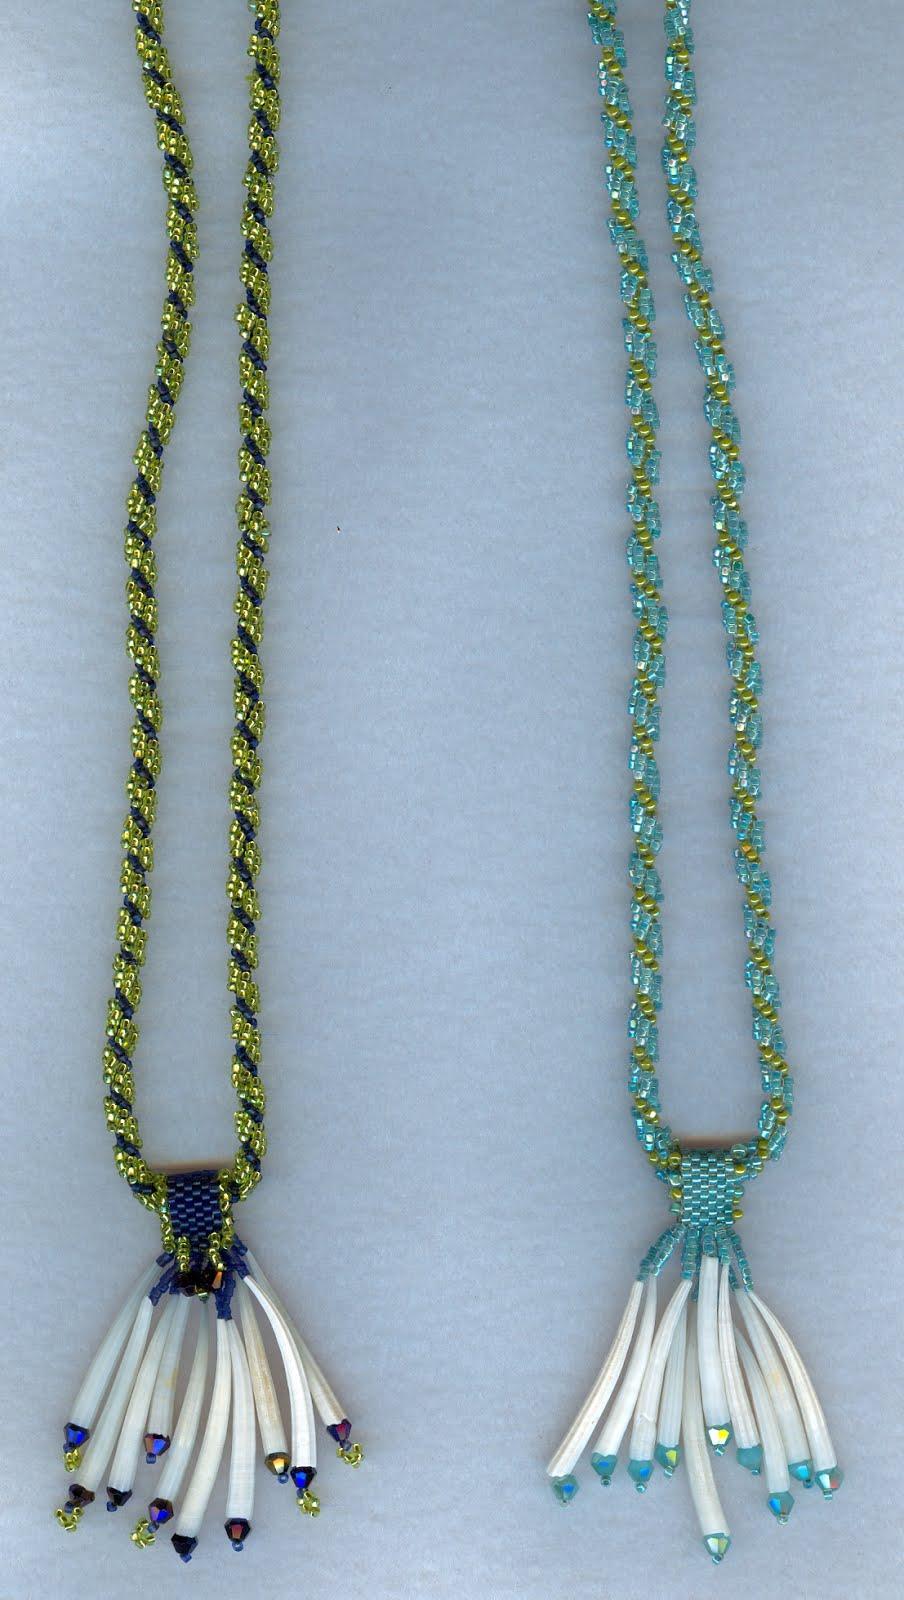 dentillium necklaces